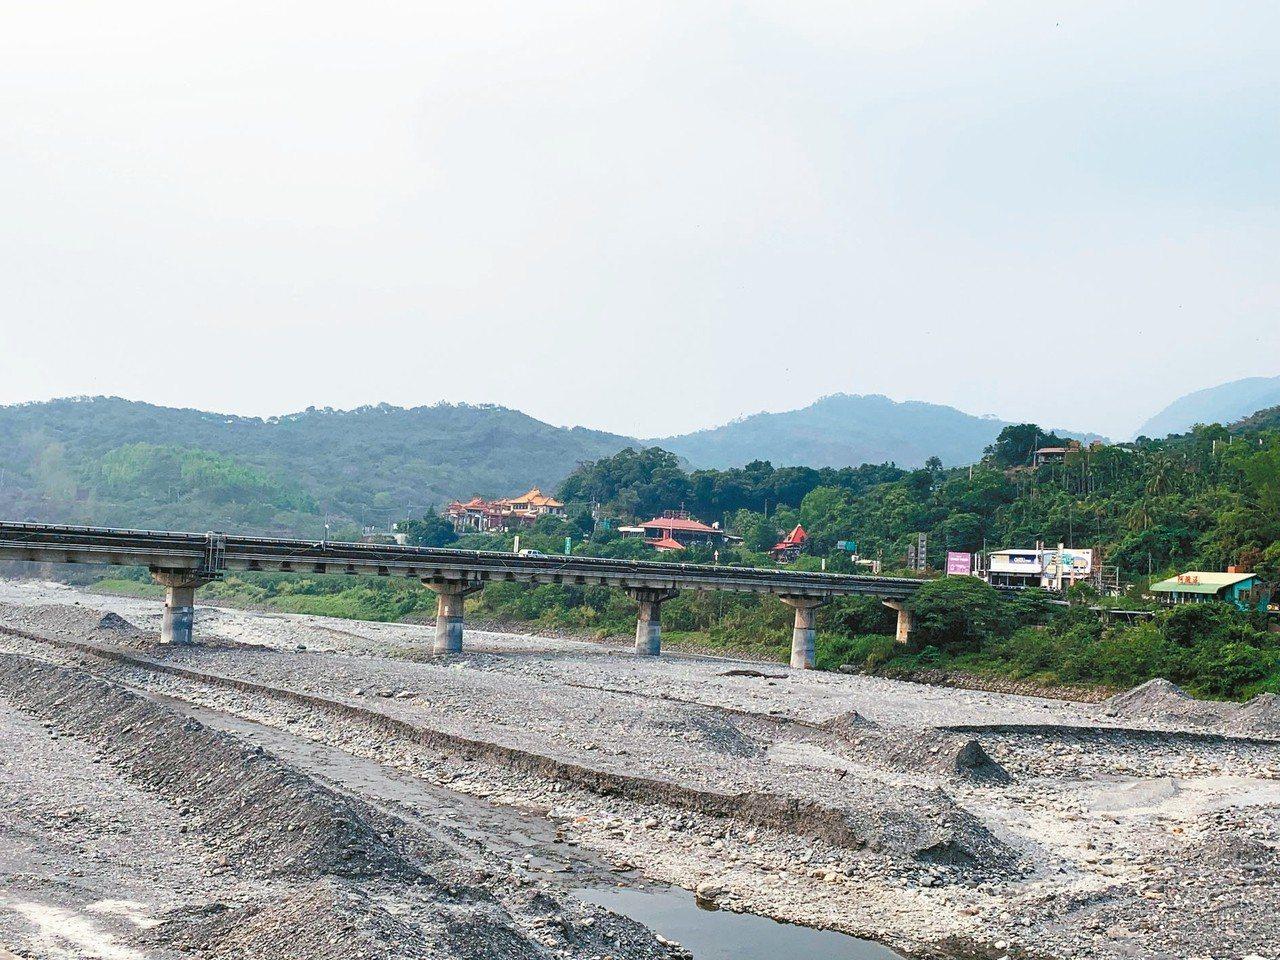 目前正是山區枯水期,屏東縣三地門鄉的隘寮溪乾涸見底。 記者翁禎霞/攝影